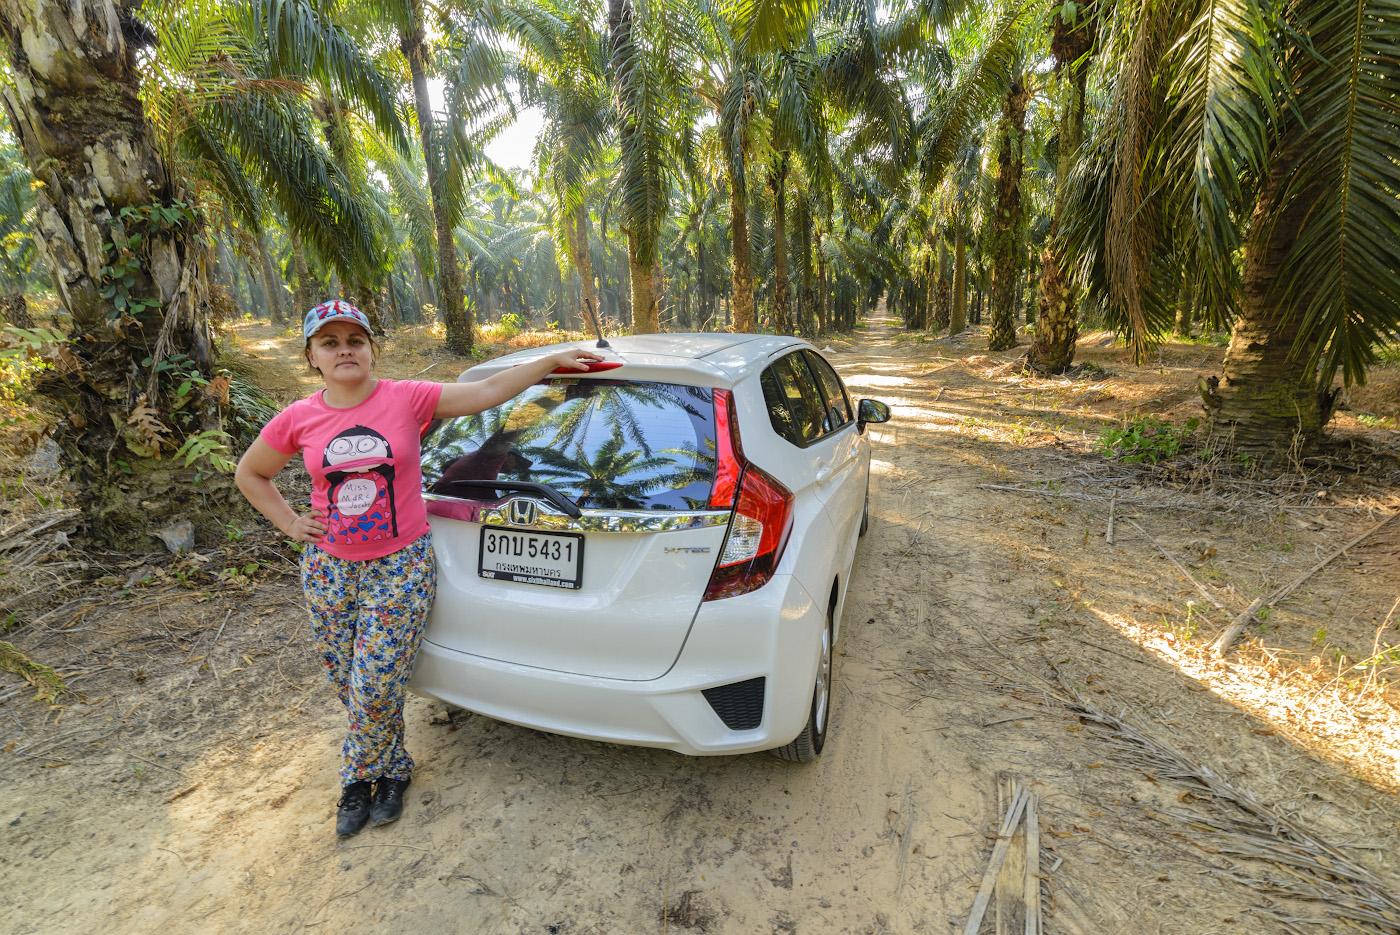 18. На арендованном автомобиле «Honda» мы проехали 2500 км по дорогам Таиланда. Как организовать интересное и недорогое путешествие? Взять в аренду авто.